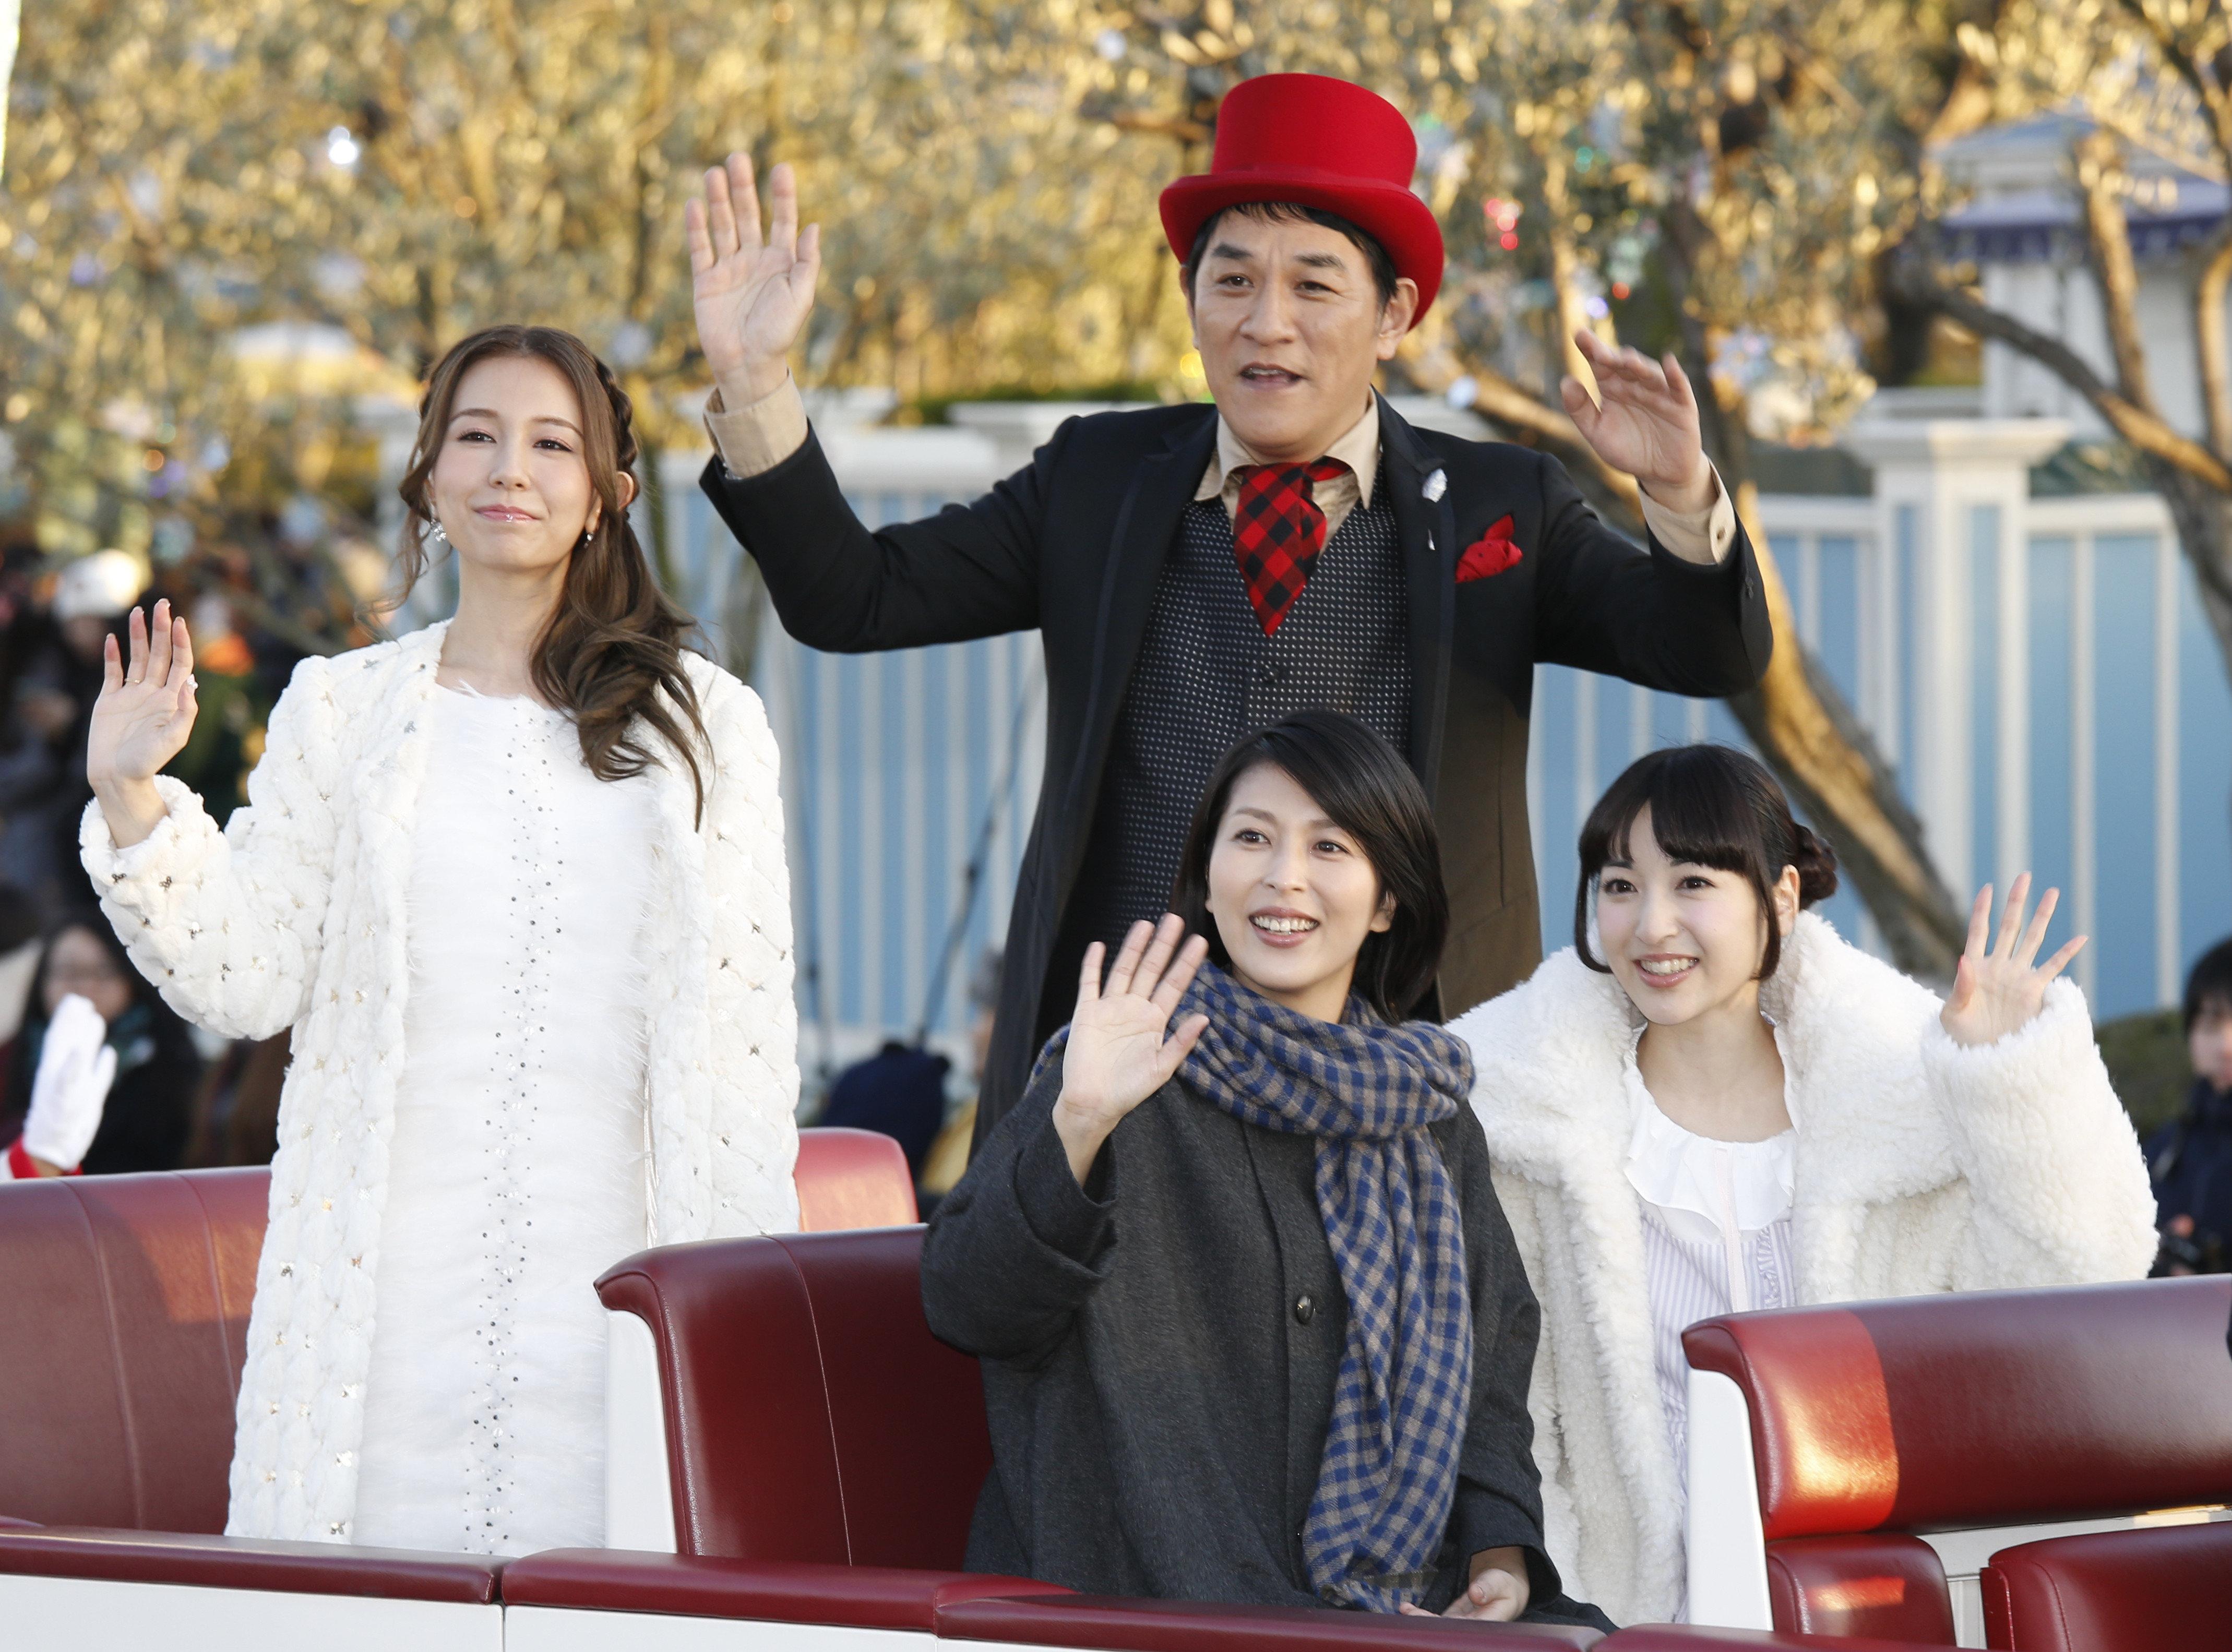 ディズニー『アナ雪』オラフ役の声優交代。東京ディズニーリゾートの今後イベントなどへの影響は?